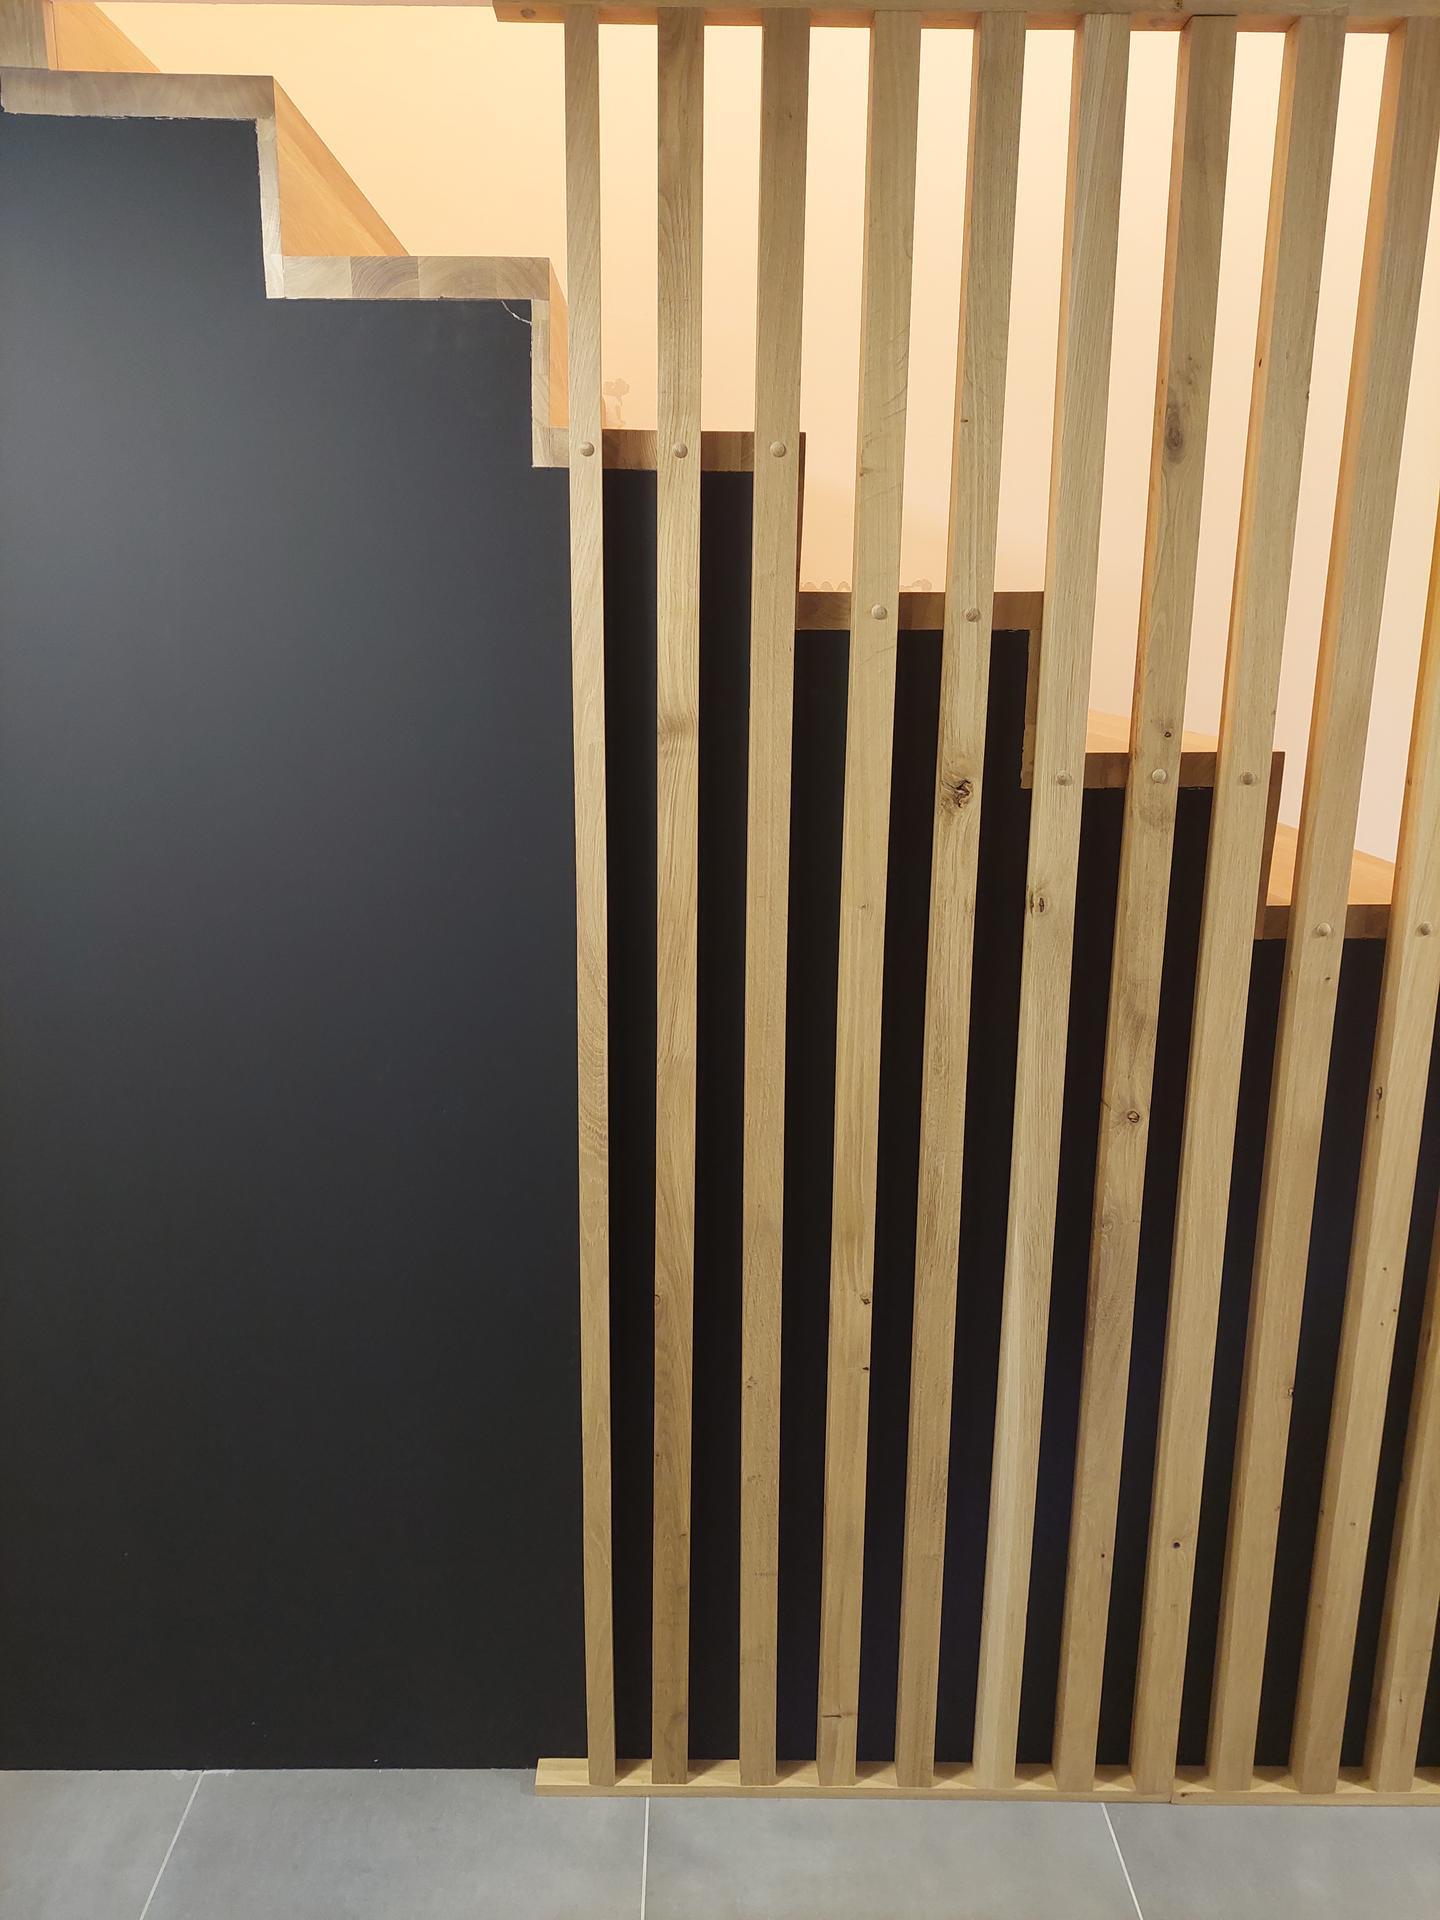 Moderné schodisko - DUB + lamely - Obrázok č. 24